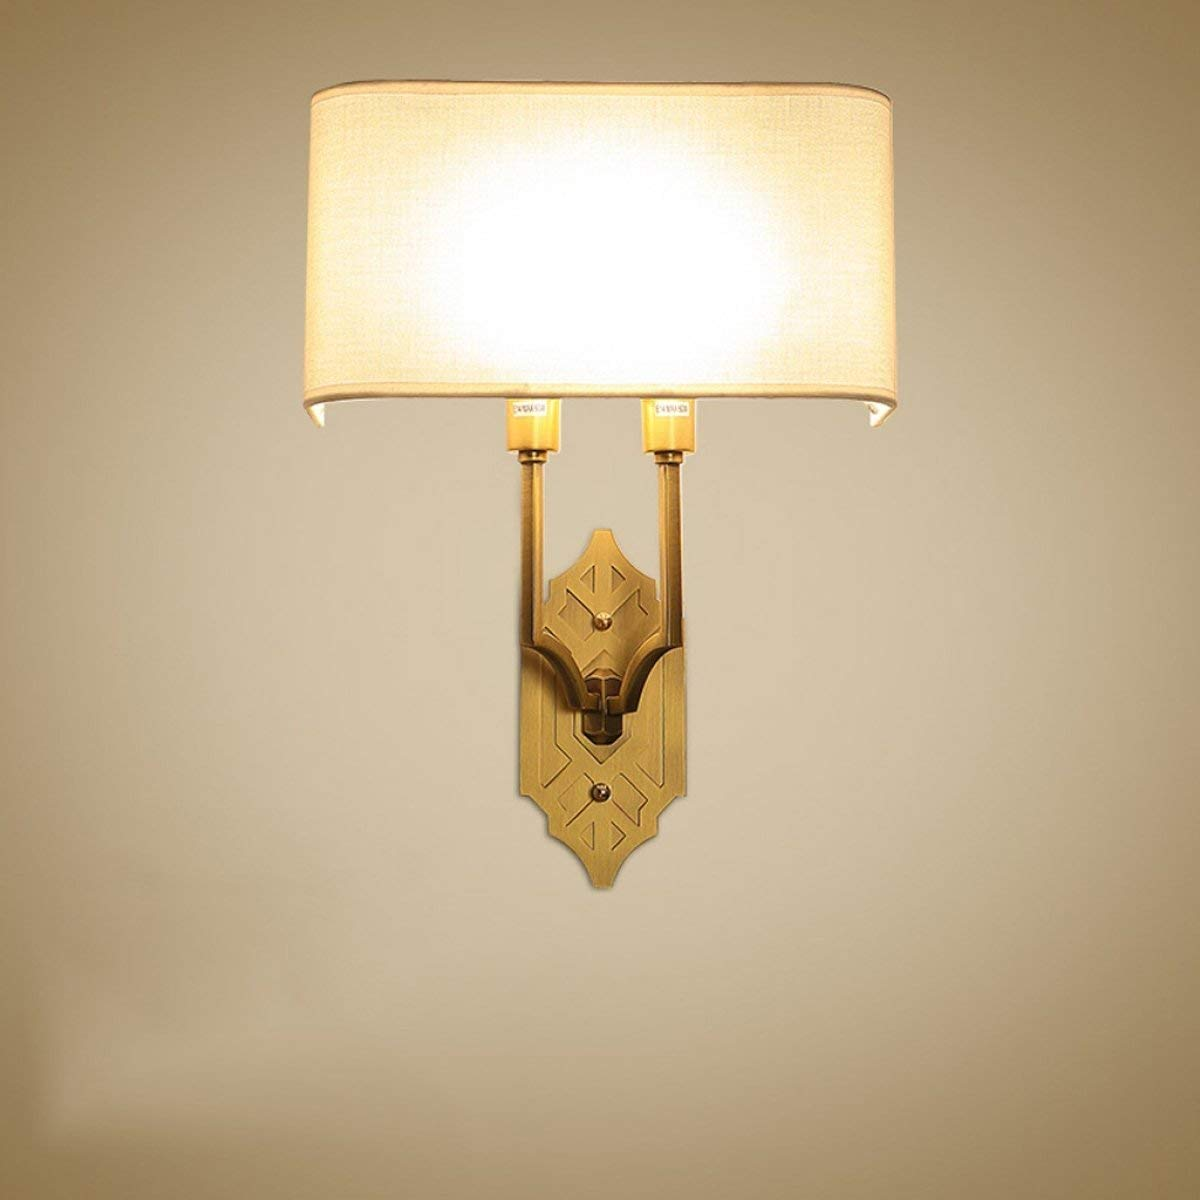 Chuiqingwang アメリカのフル銅ウォールランプの寝室の壁ランプリビングルームの壁ランプベッドサイドの壁ランプE14光源 B07S9CKXPL